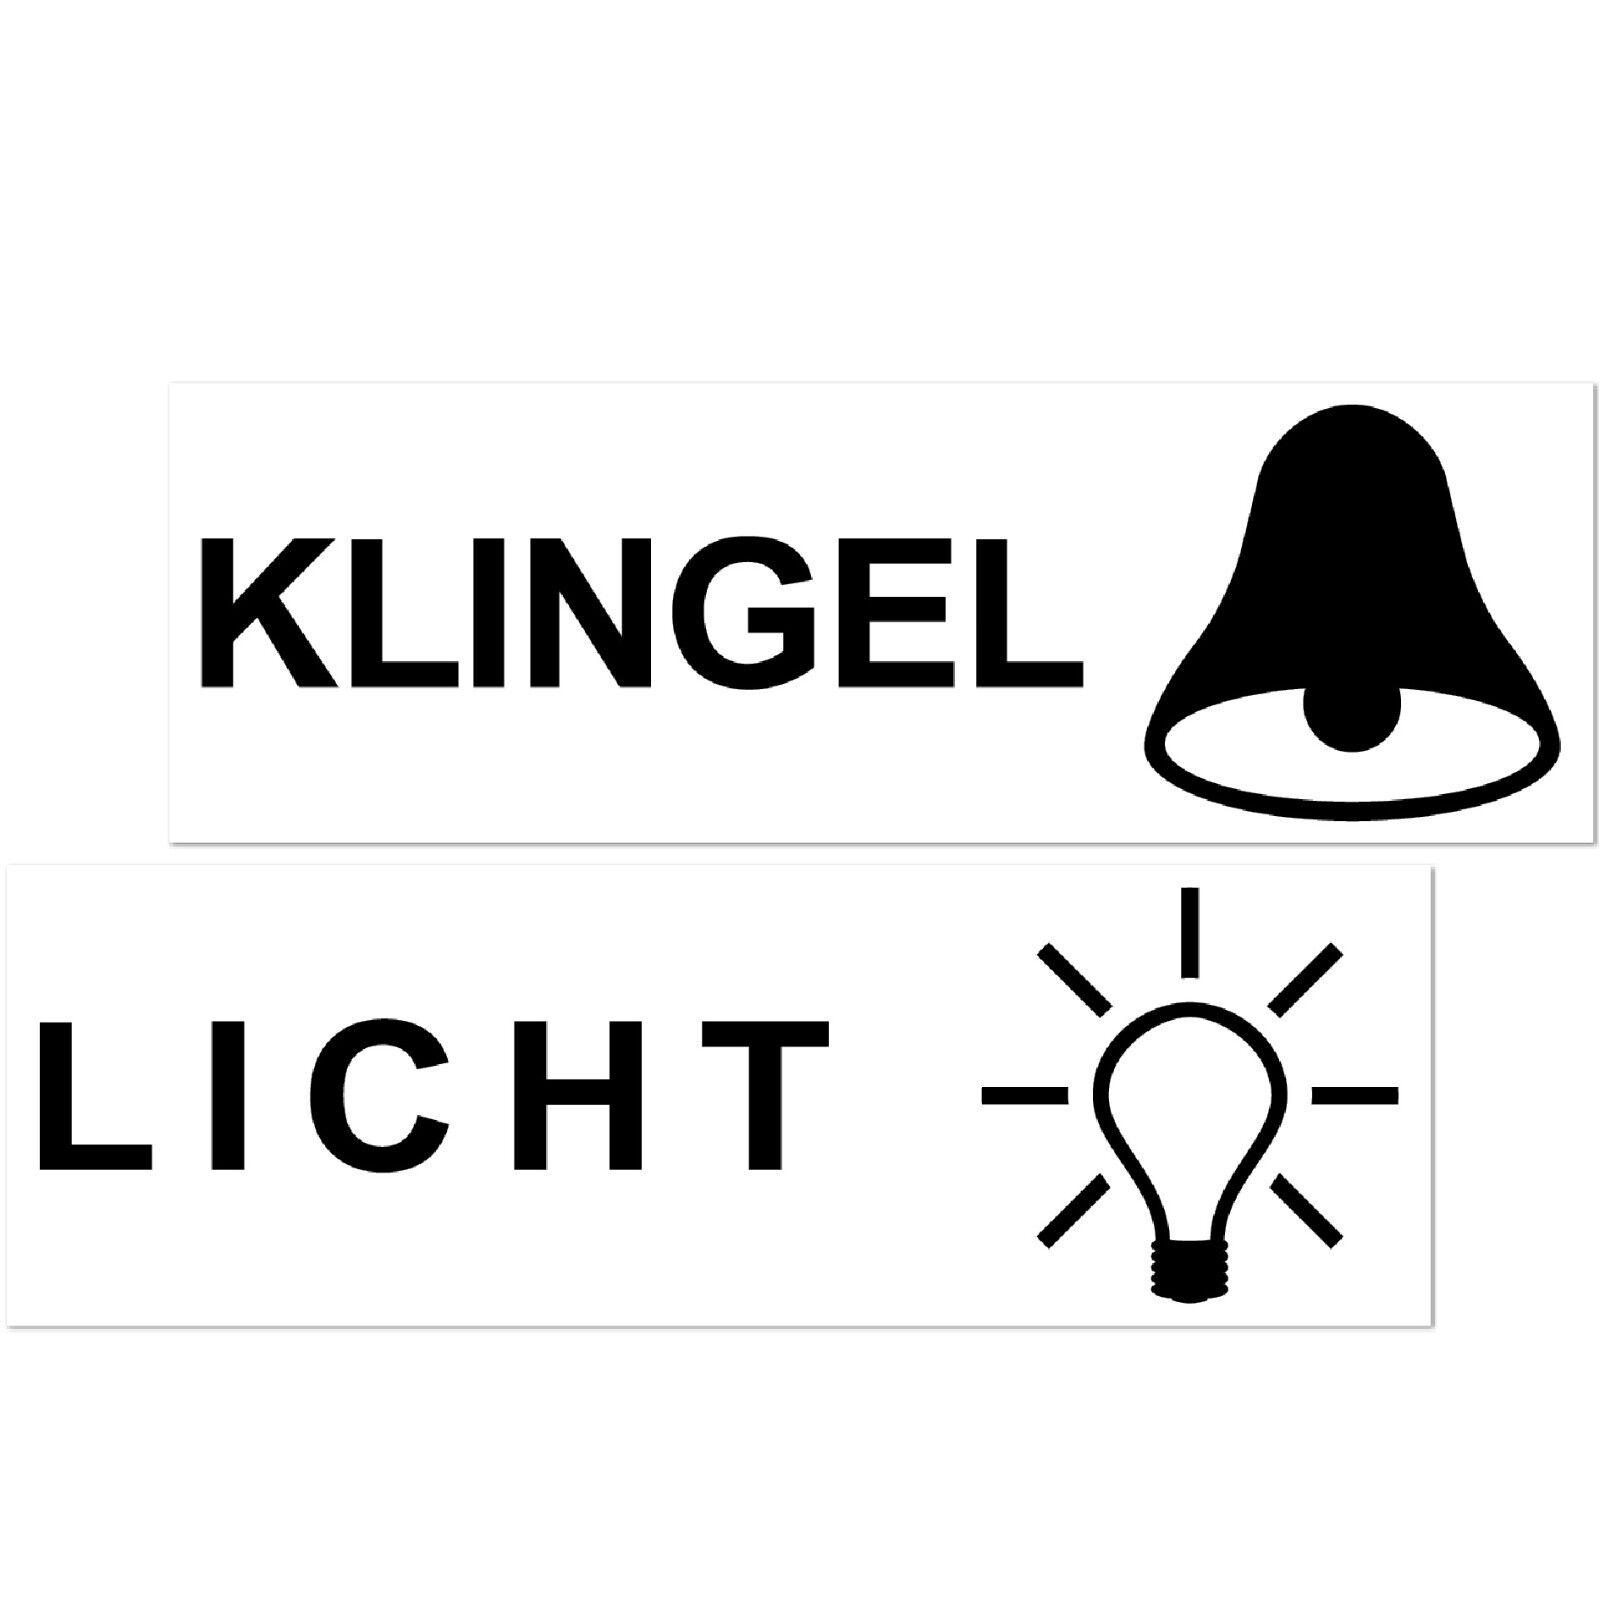 8 Aufkleber 6 5cm Hinweis Licht Klingel Symbole Briefkasten Tür Taster Schalter